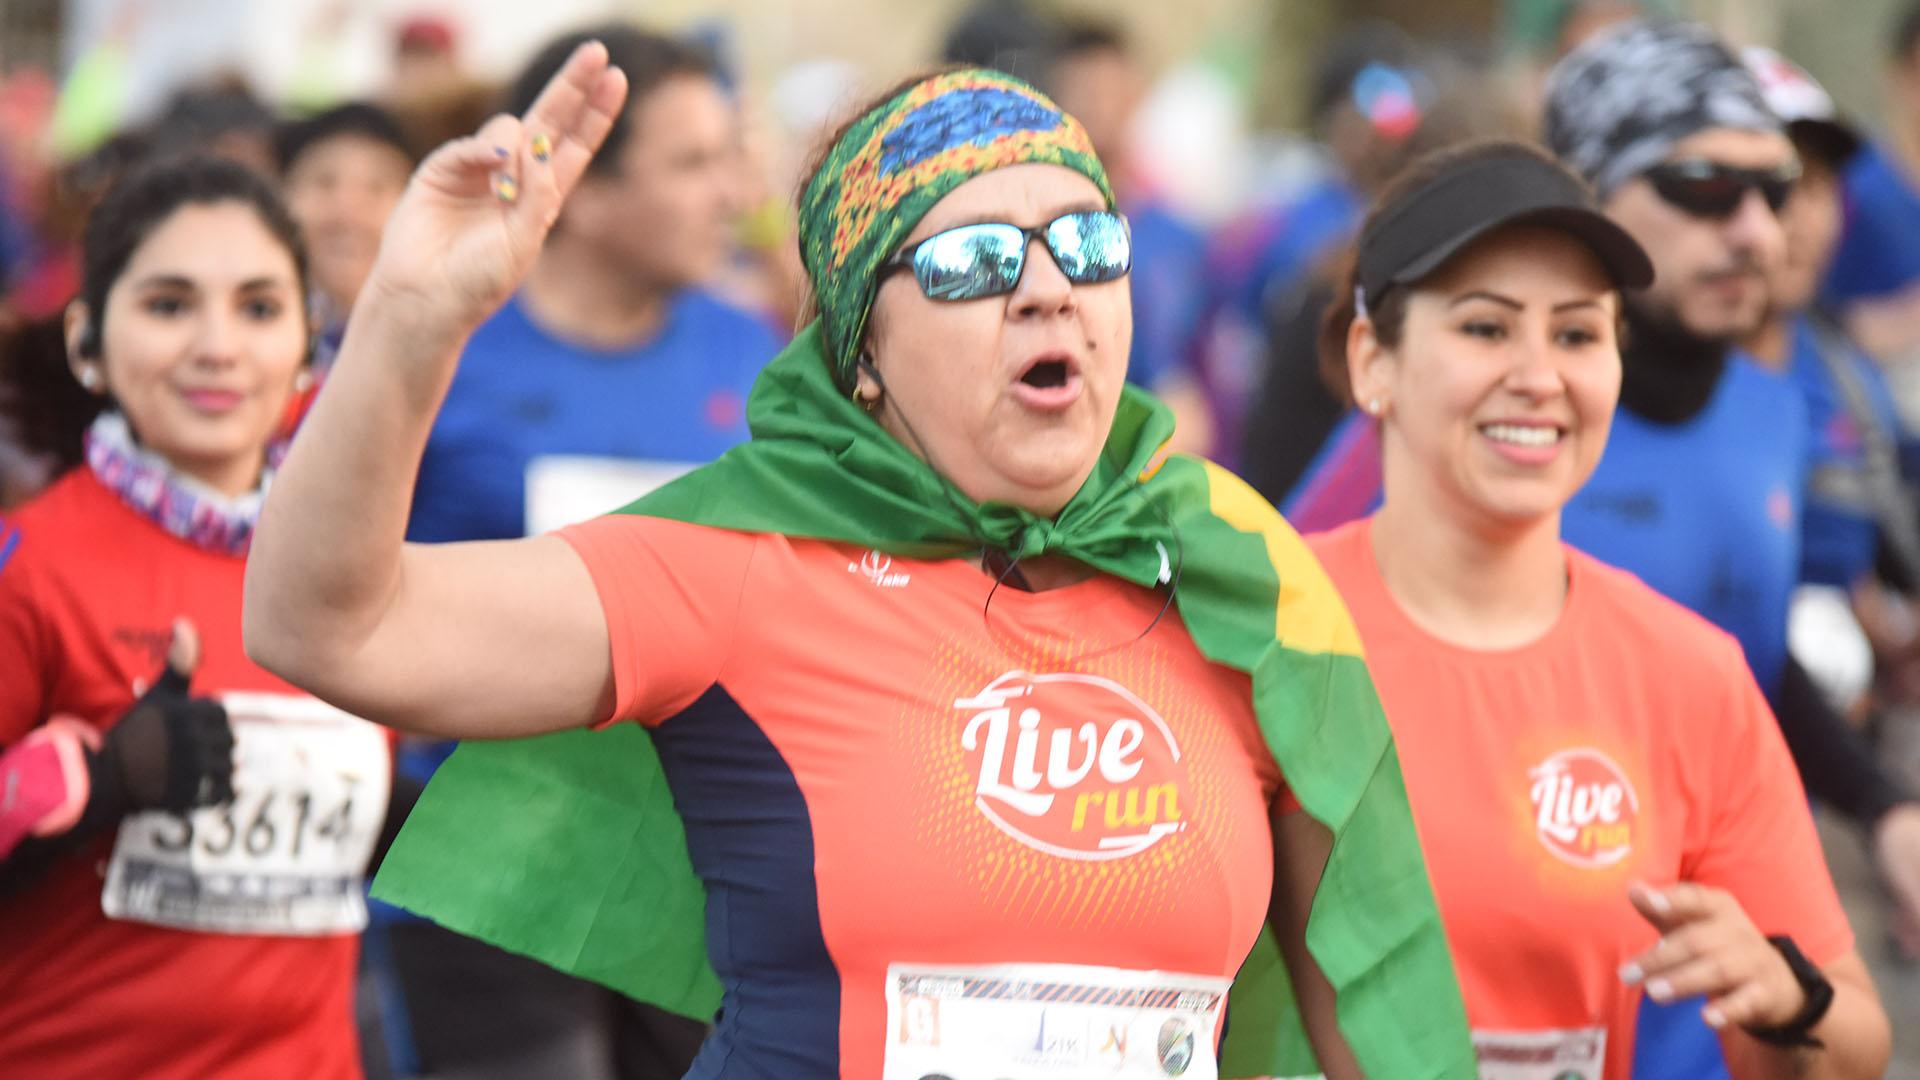 También participaron de la carrera corredores de países vecinos, como Brasil